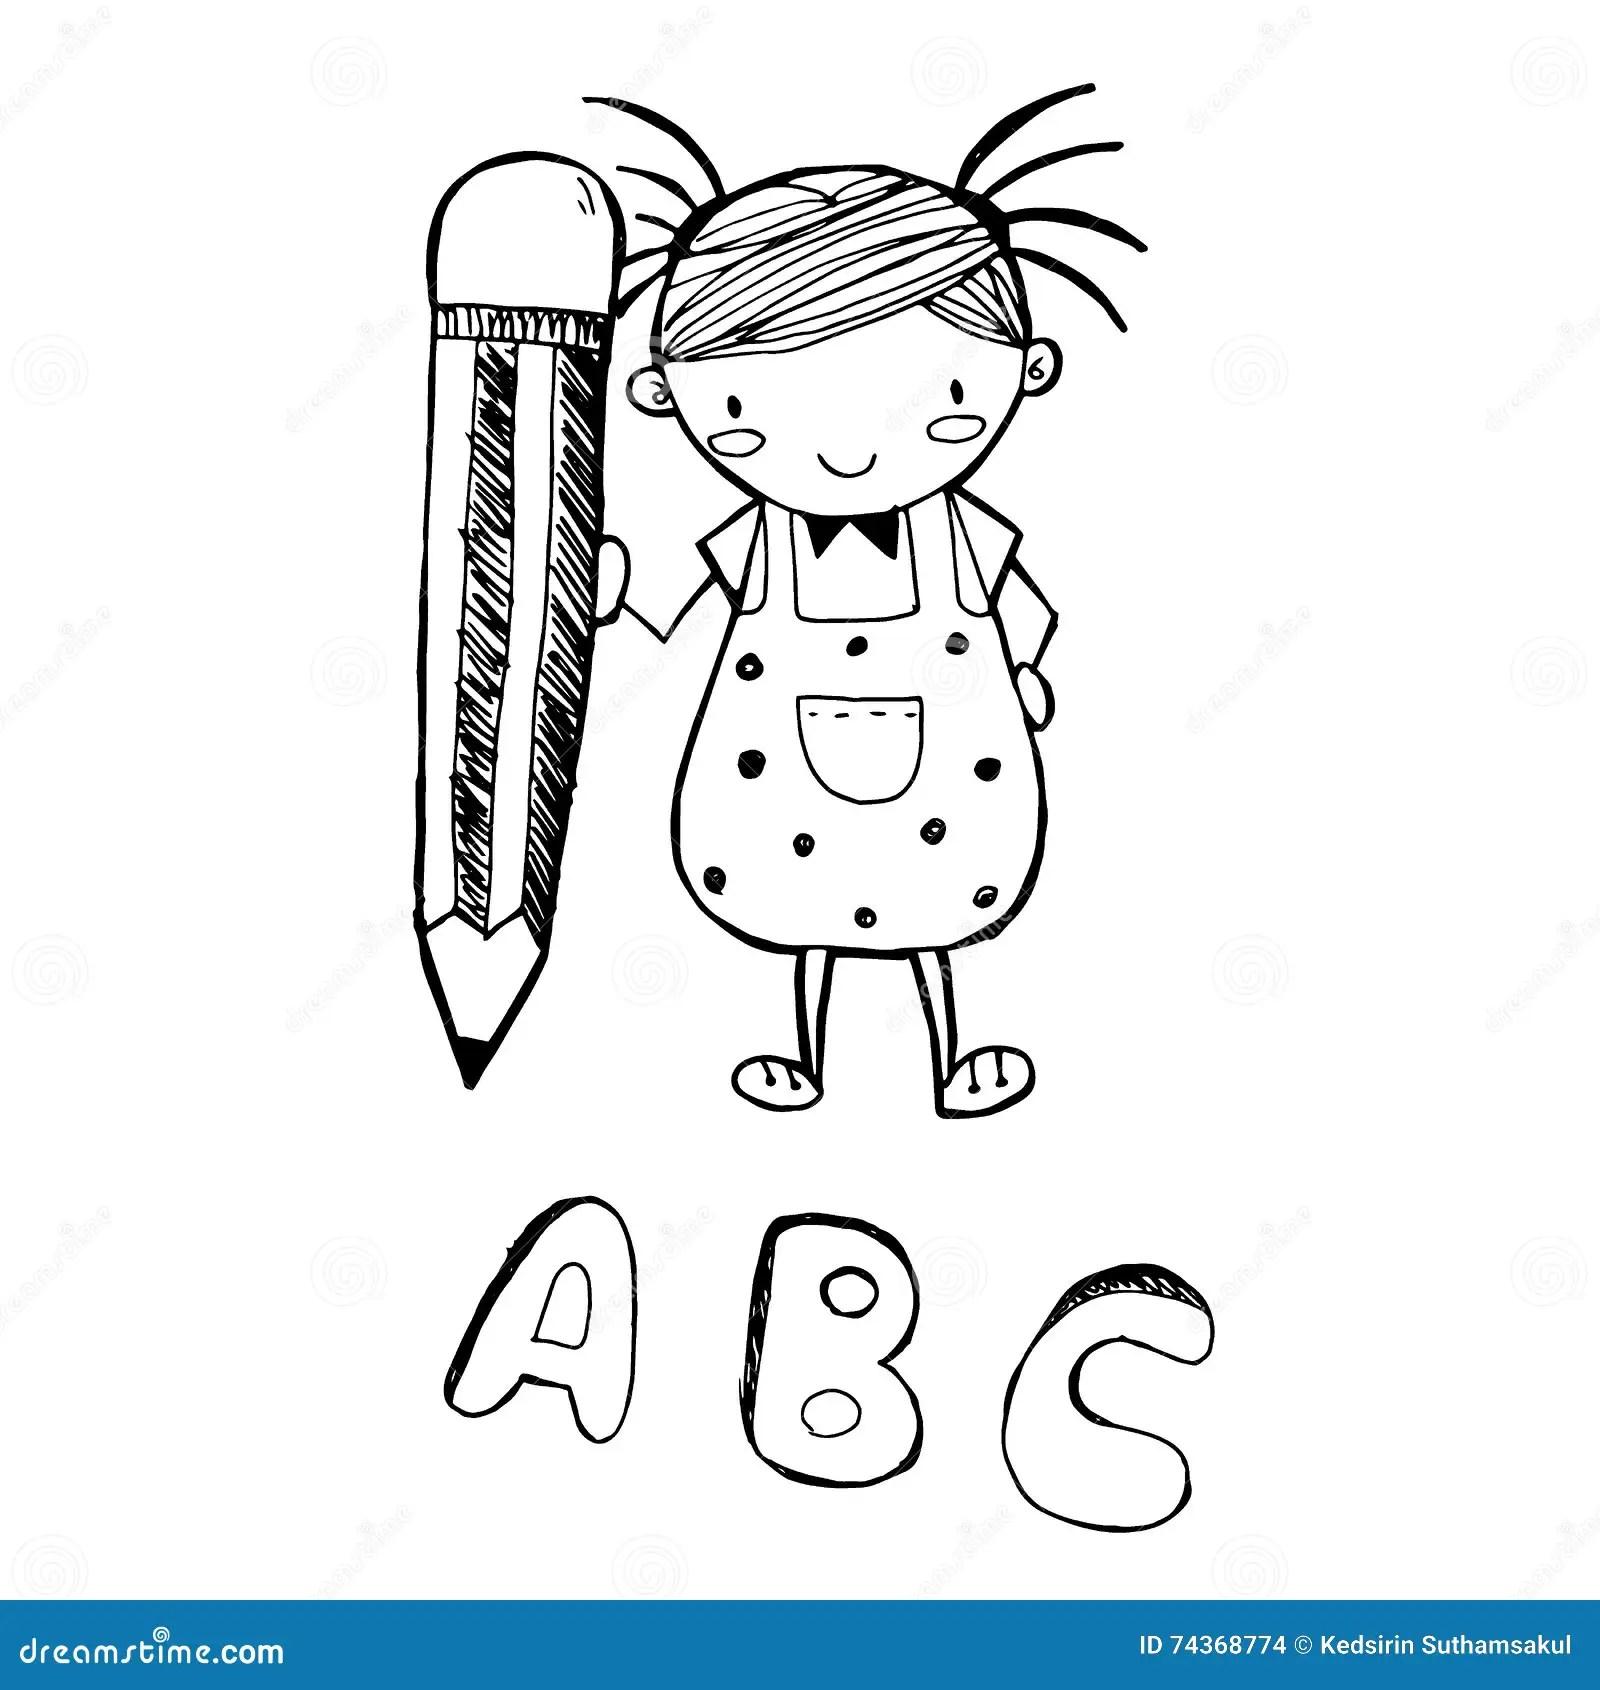 Woman Face Cartoon Sketch In Black Line Doodle Vector